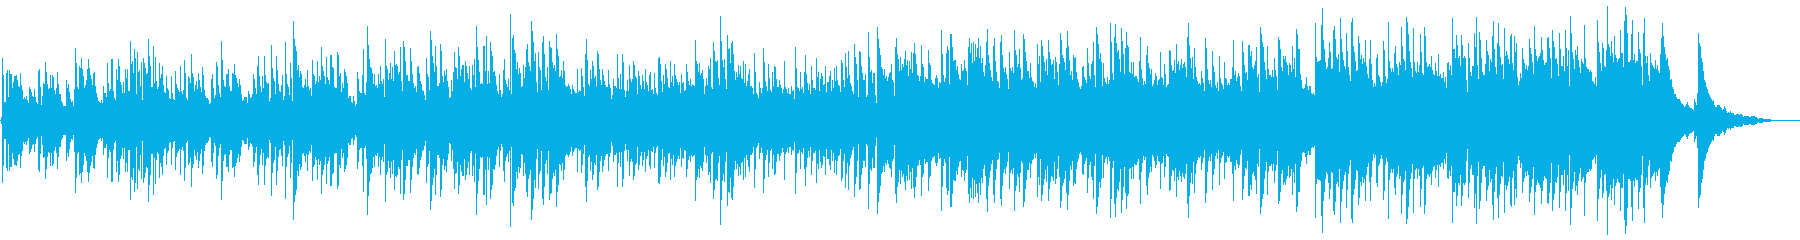 アコースティックライトポップロック...の再生済みの波形